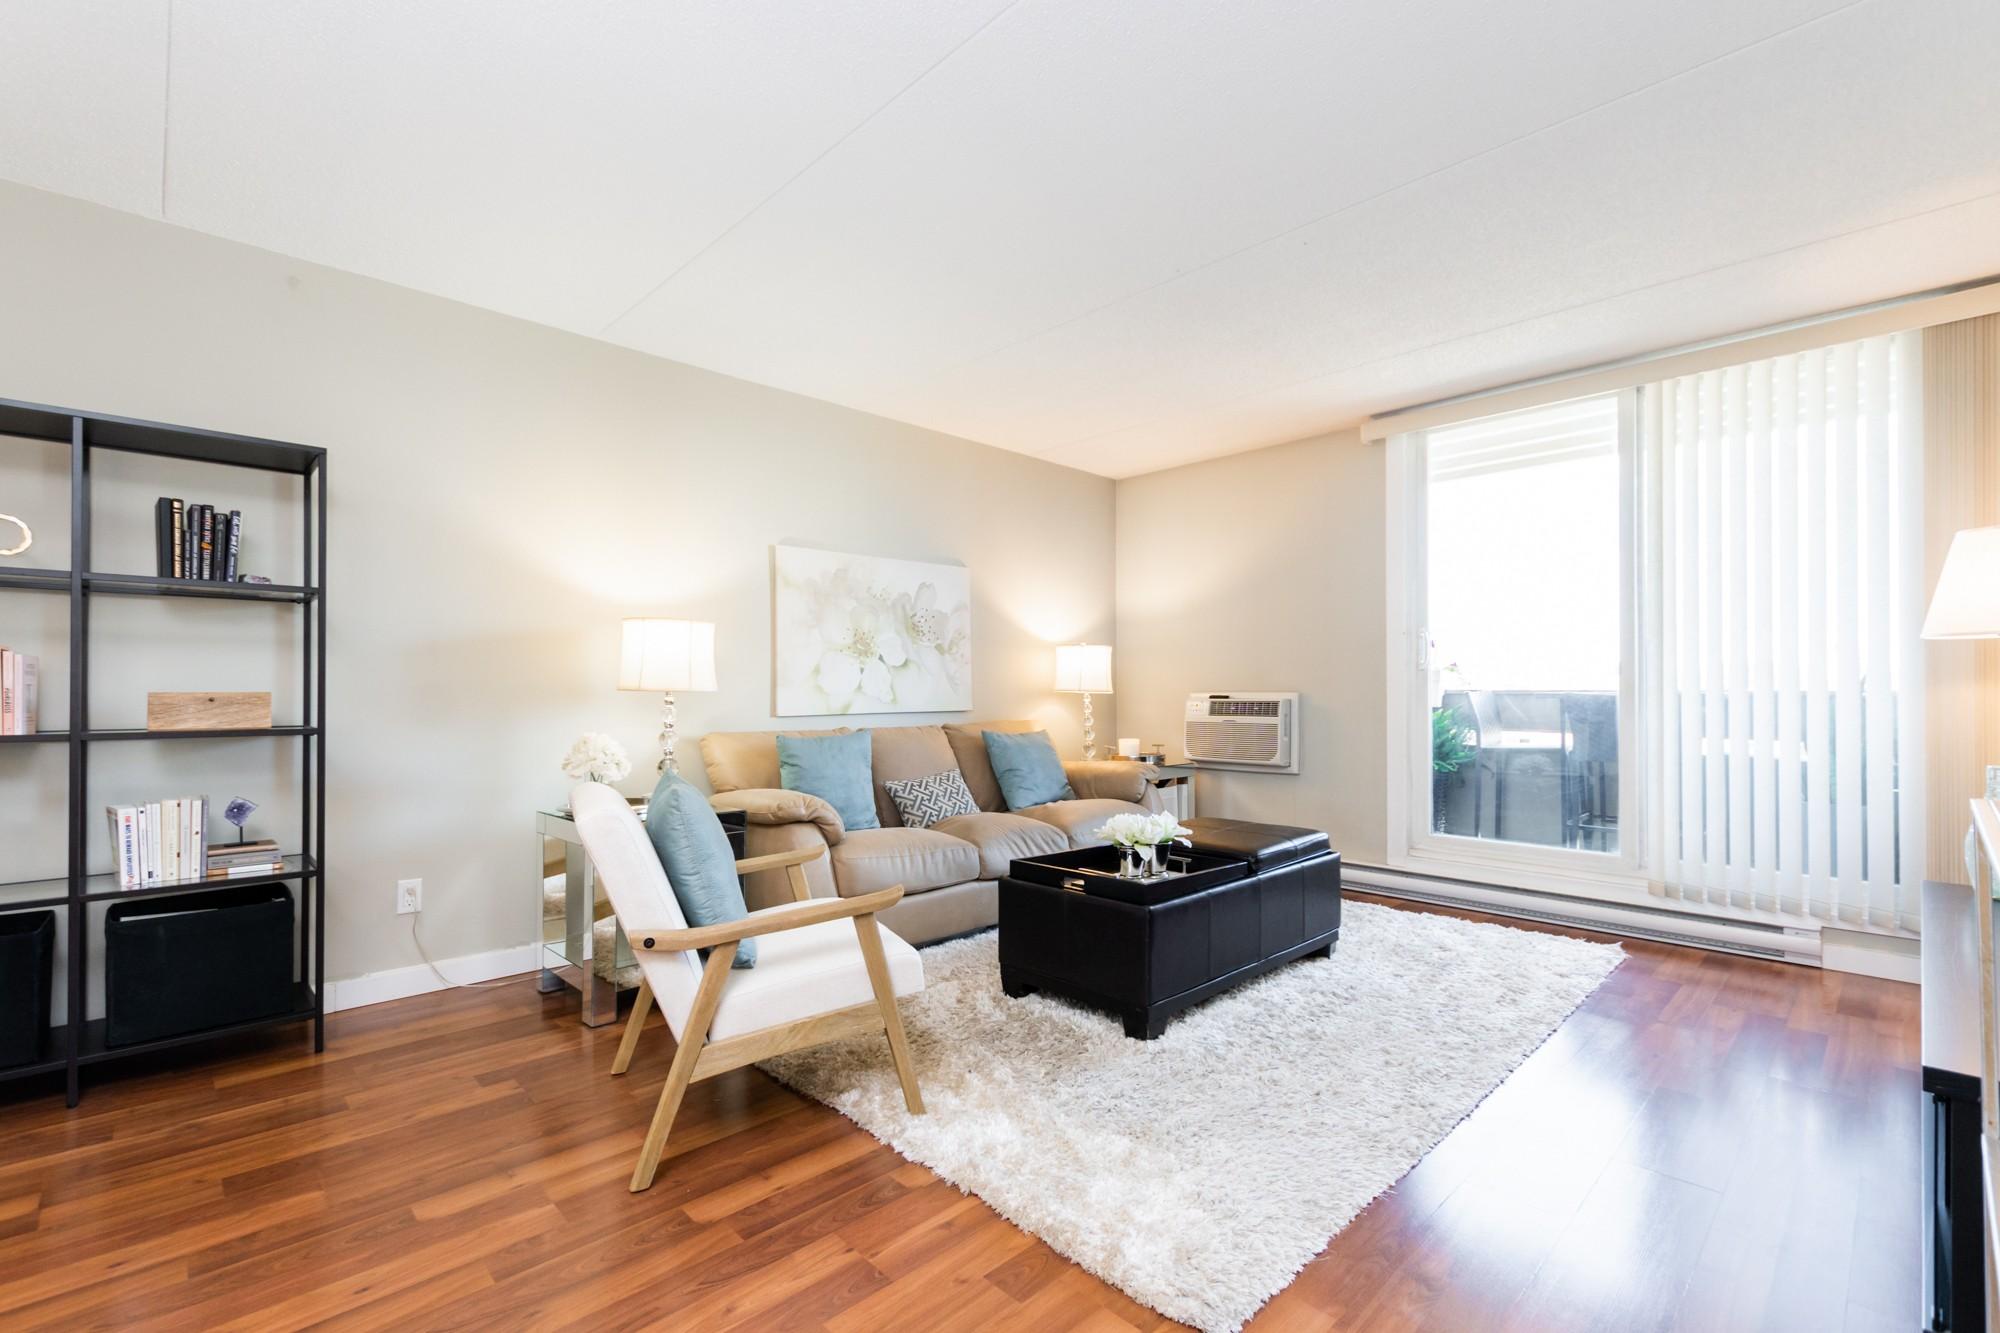 405-1030-grant-ave-for-sale-bobby-wall-winnipeg-realtor